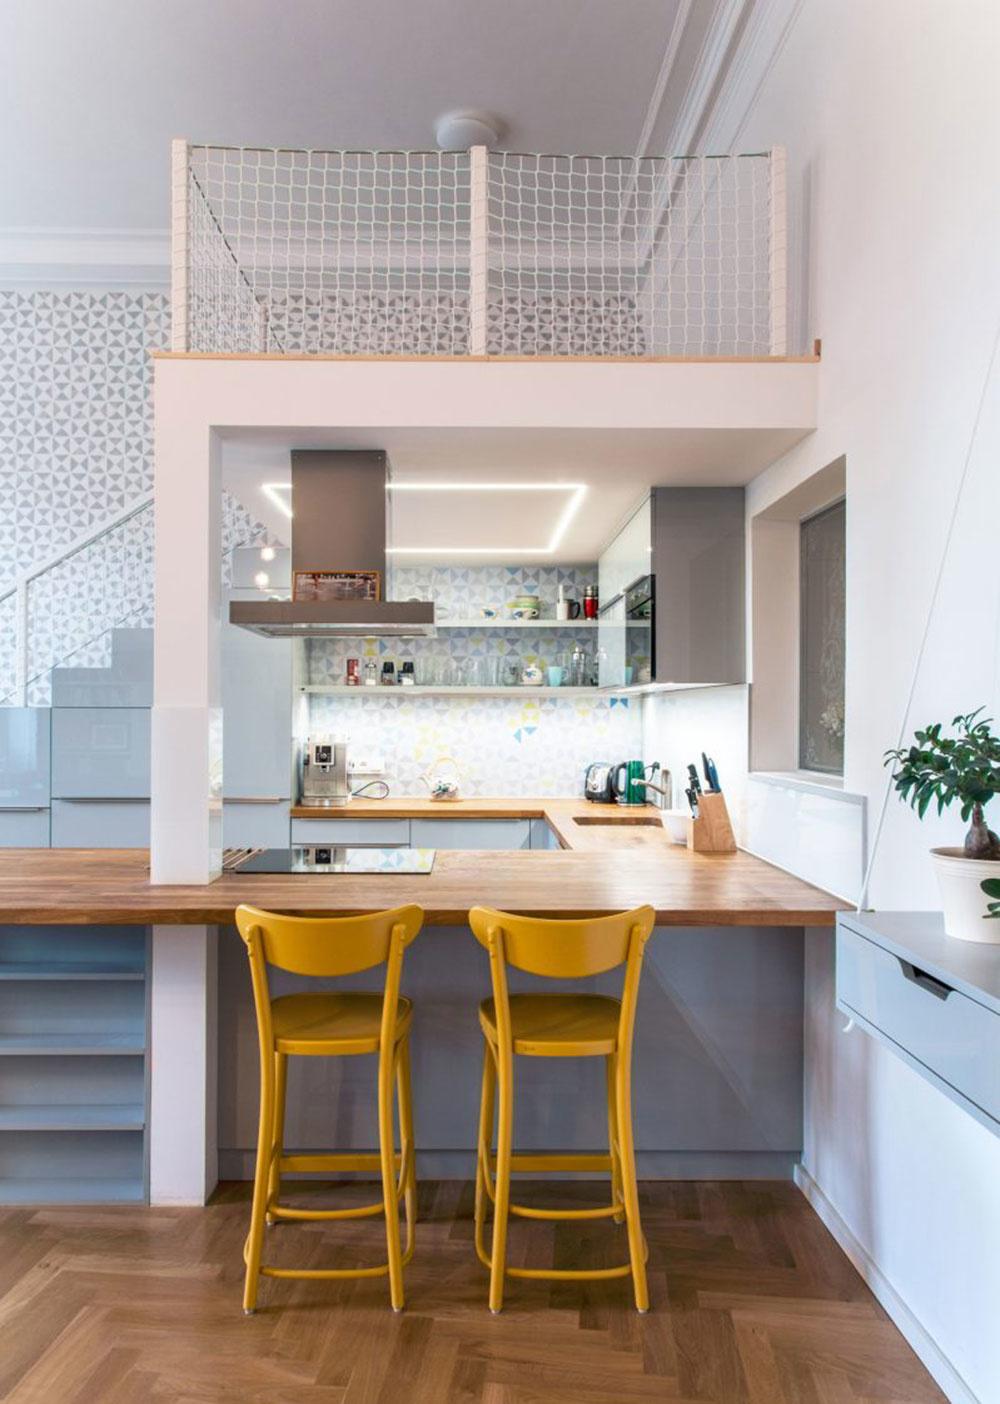 Biely byt osviežený modrou a žltou: Neutrálny základ s prekvapivým farebným akcentom